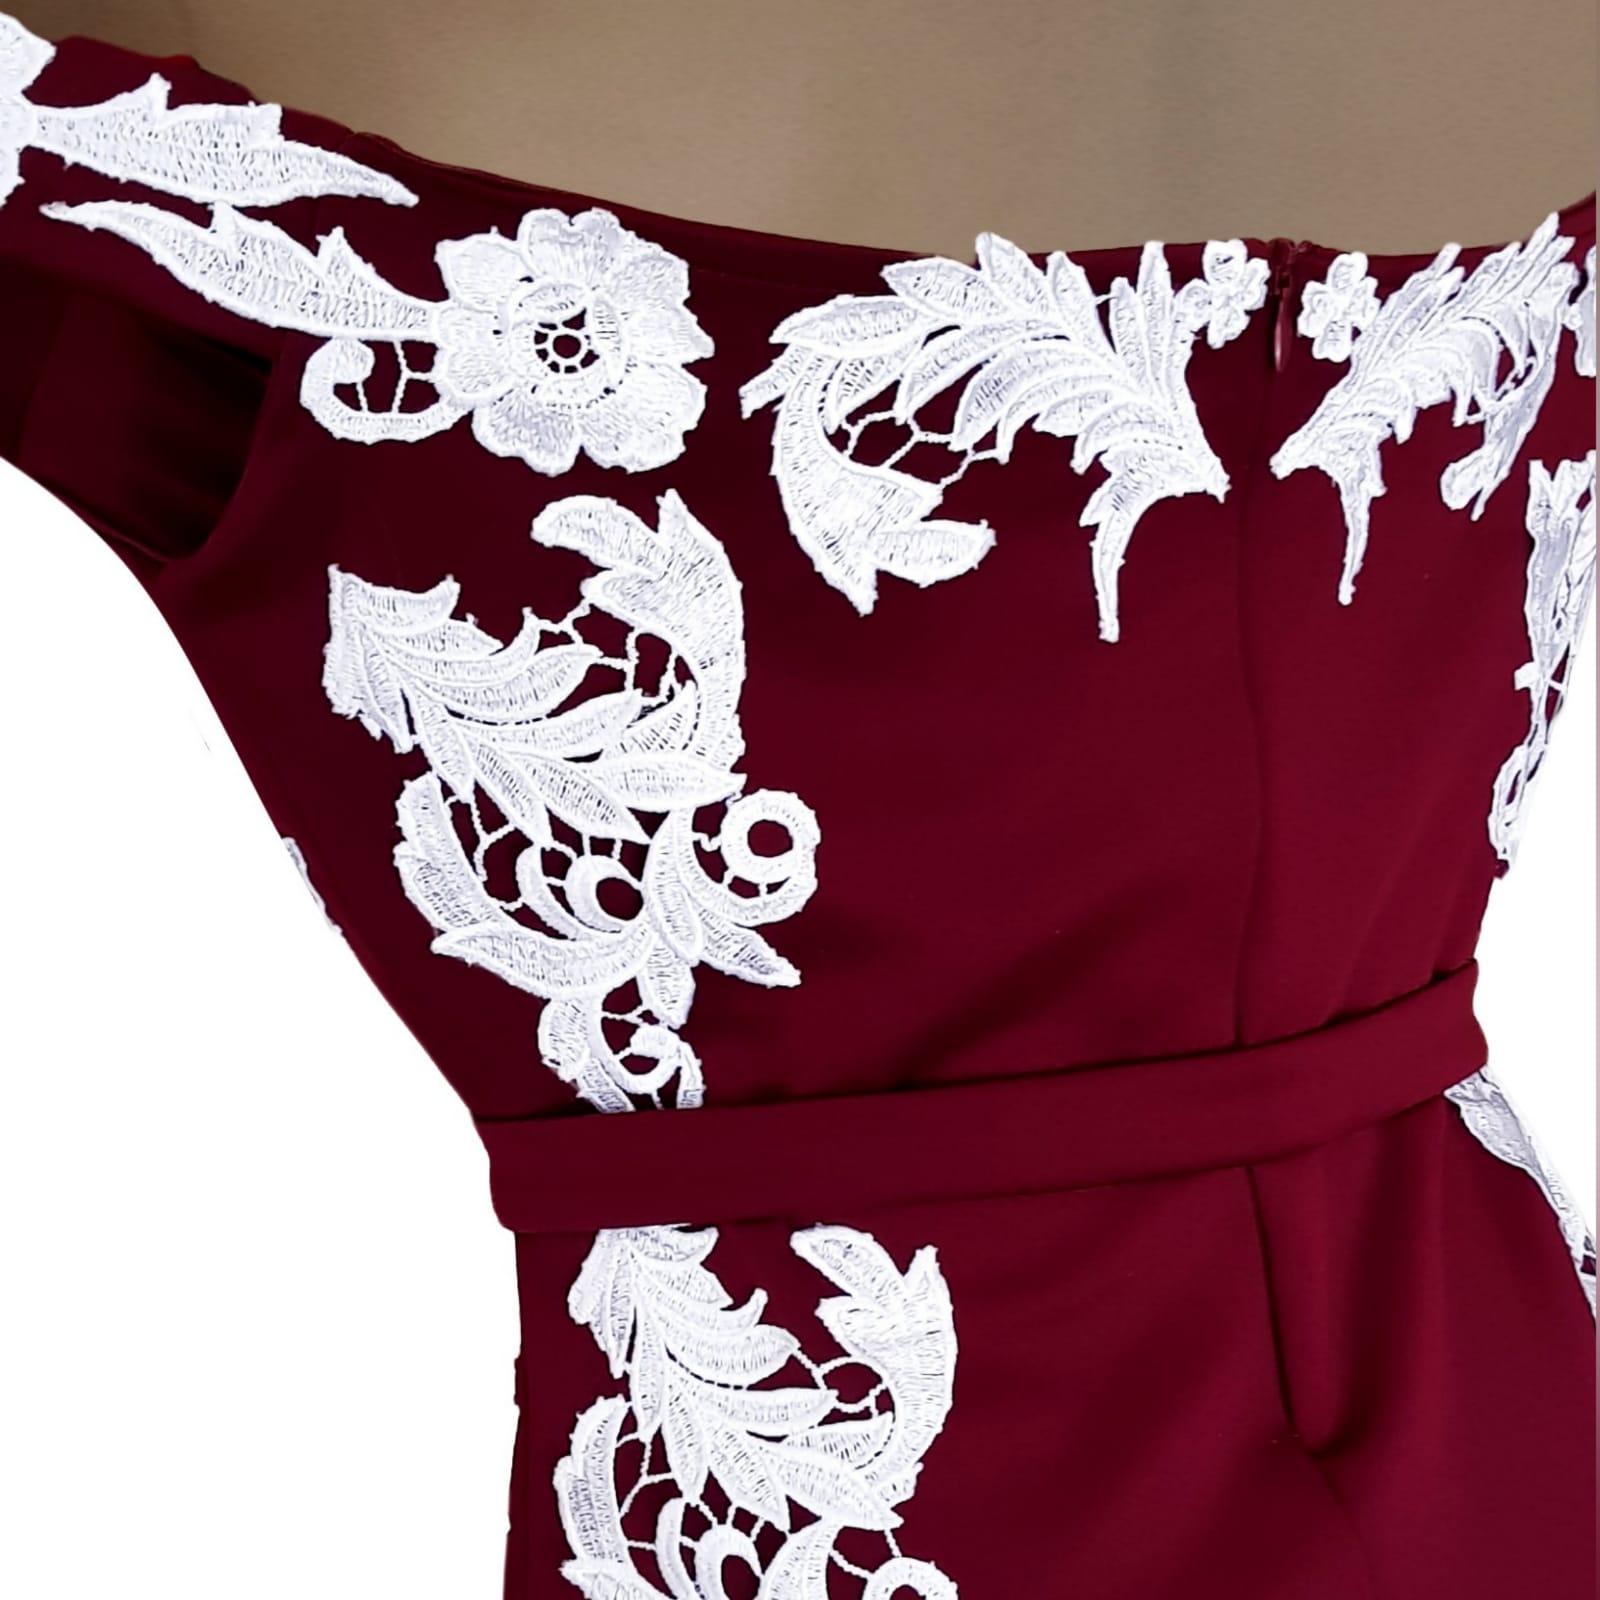 Vestido finalistas cor vinho e branco sereia 6 vestido finalistas cor vinho e branco sereia. Com corpete, ancas e cauda detalhada com apliques de renda branca.